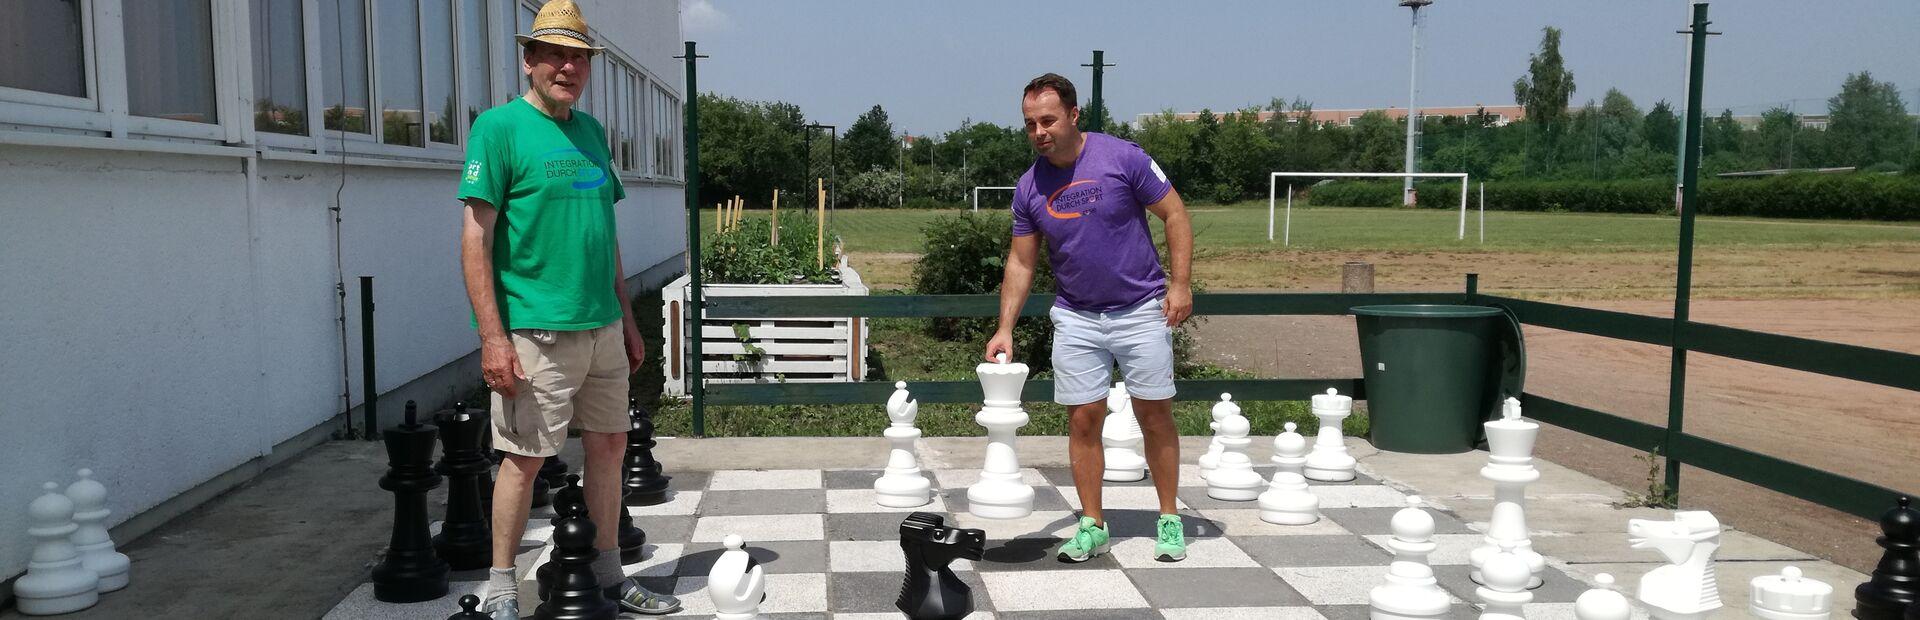 Aktive Senioren Leipzig Schach